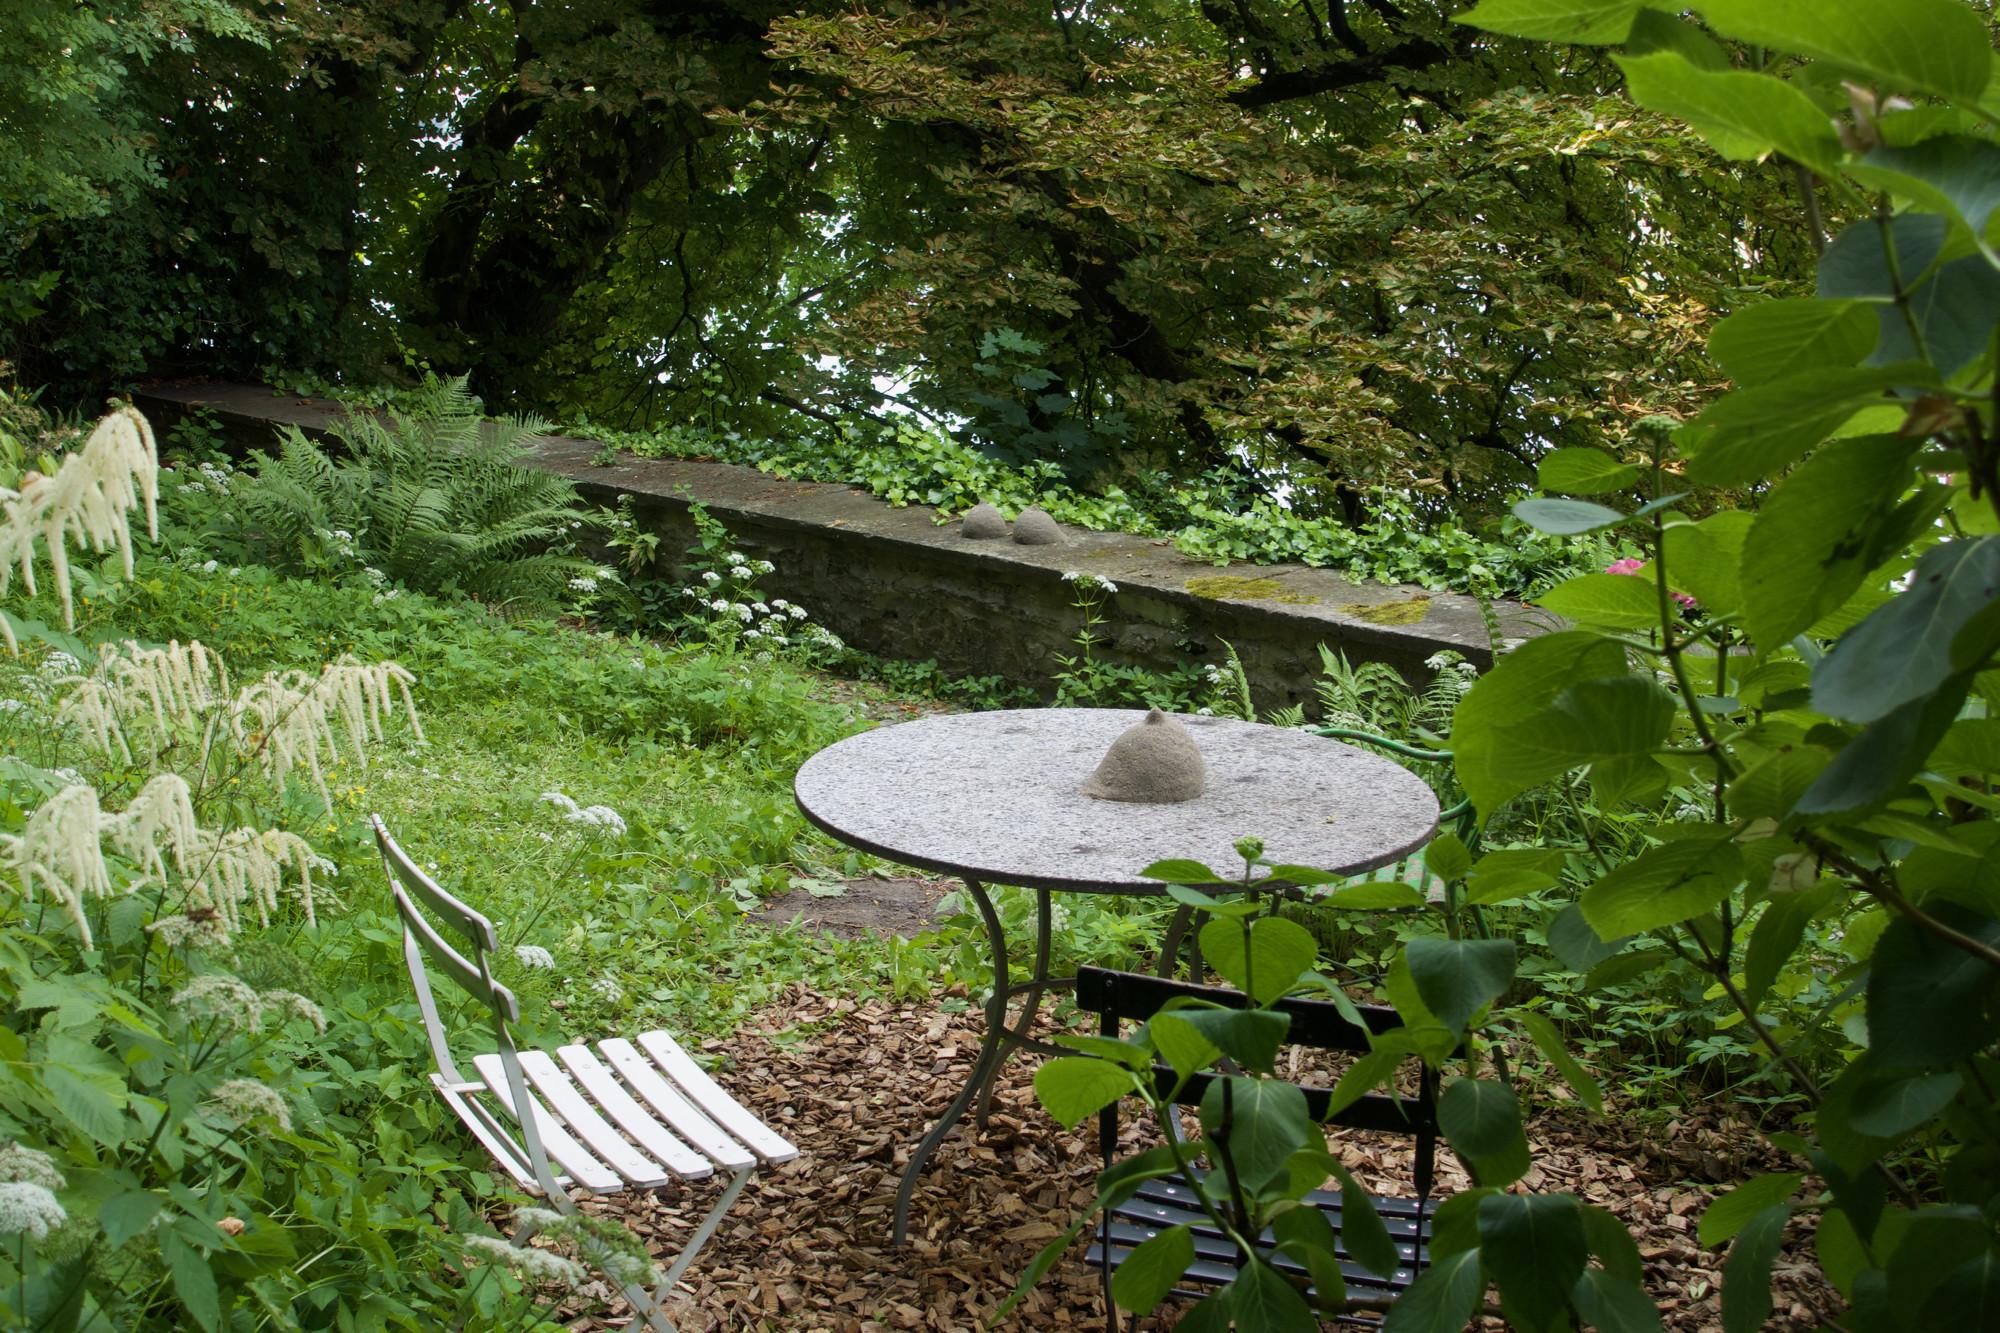 Brüste auf der Brüstung, Brust auf dem Tisch. Bizarre Überraschungen von Lena Henke im Garten der Lesegesellschaft.